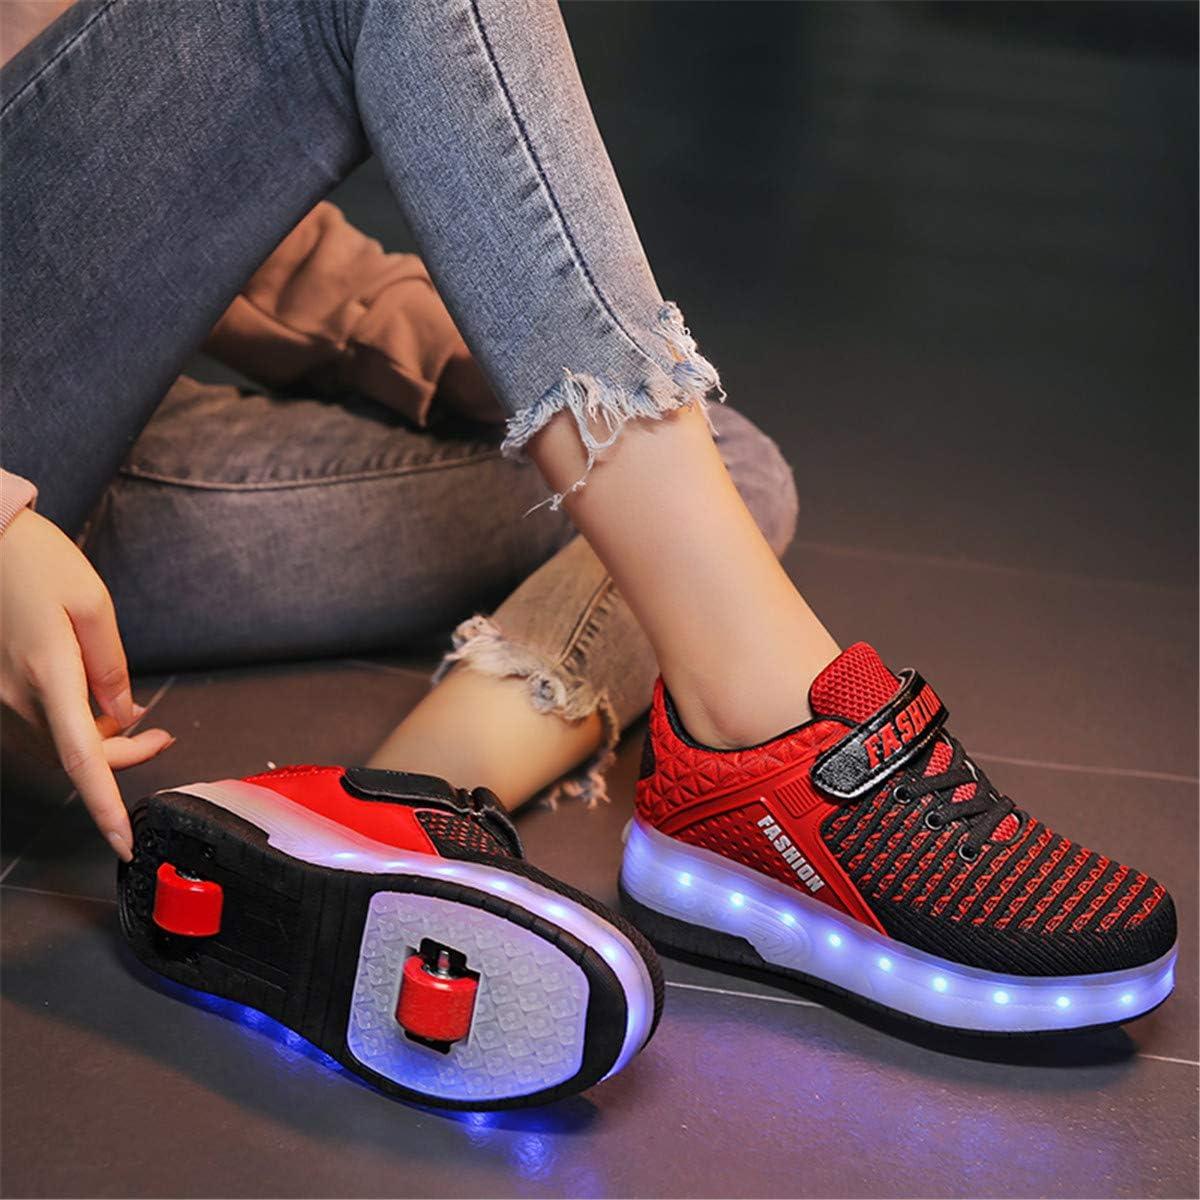 evenlove USB wiederaufladbar Unisex Kinder Inline Skates Outdoor Sport Fitnessschuhe Skateboardschuhe mit Rollen Drucktaste Einstellbare Rollerblades Gymnastik Running Sneaker f/ür Jungen M?dchen